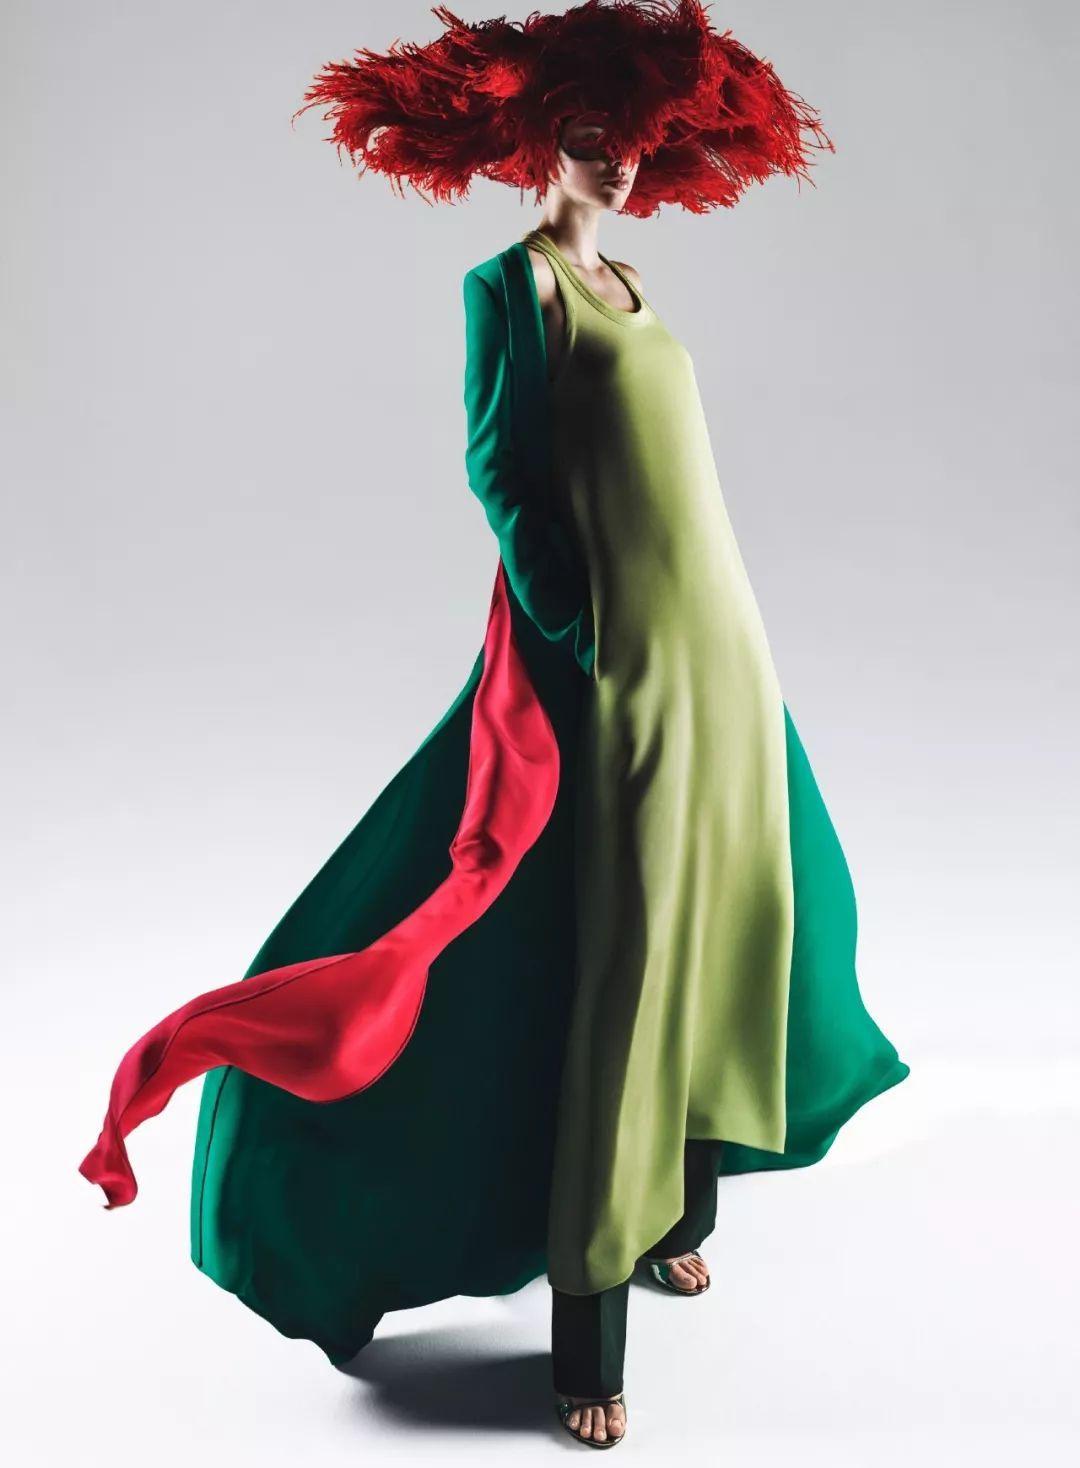 全球四月Vogue封面齐齐高质,这才是纸媒精神